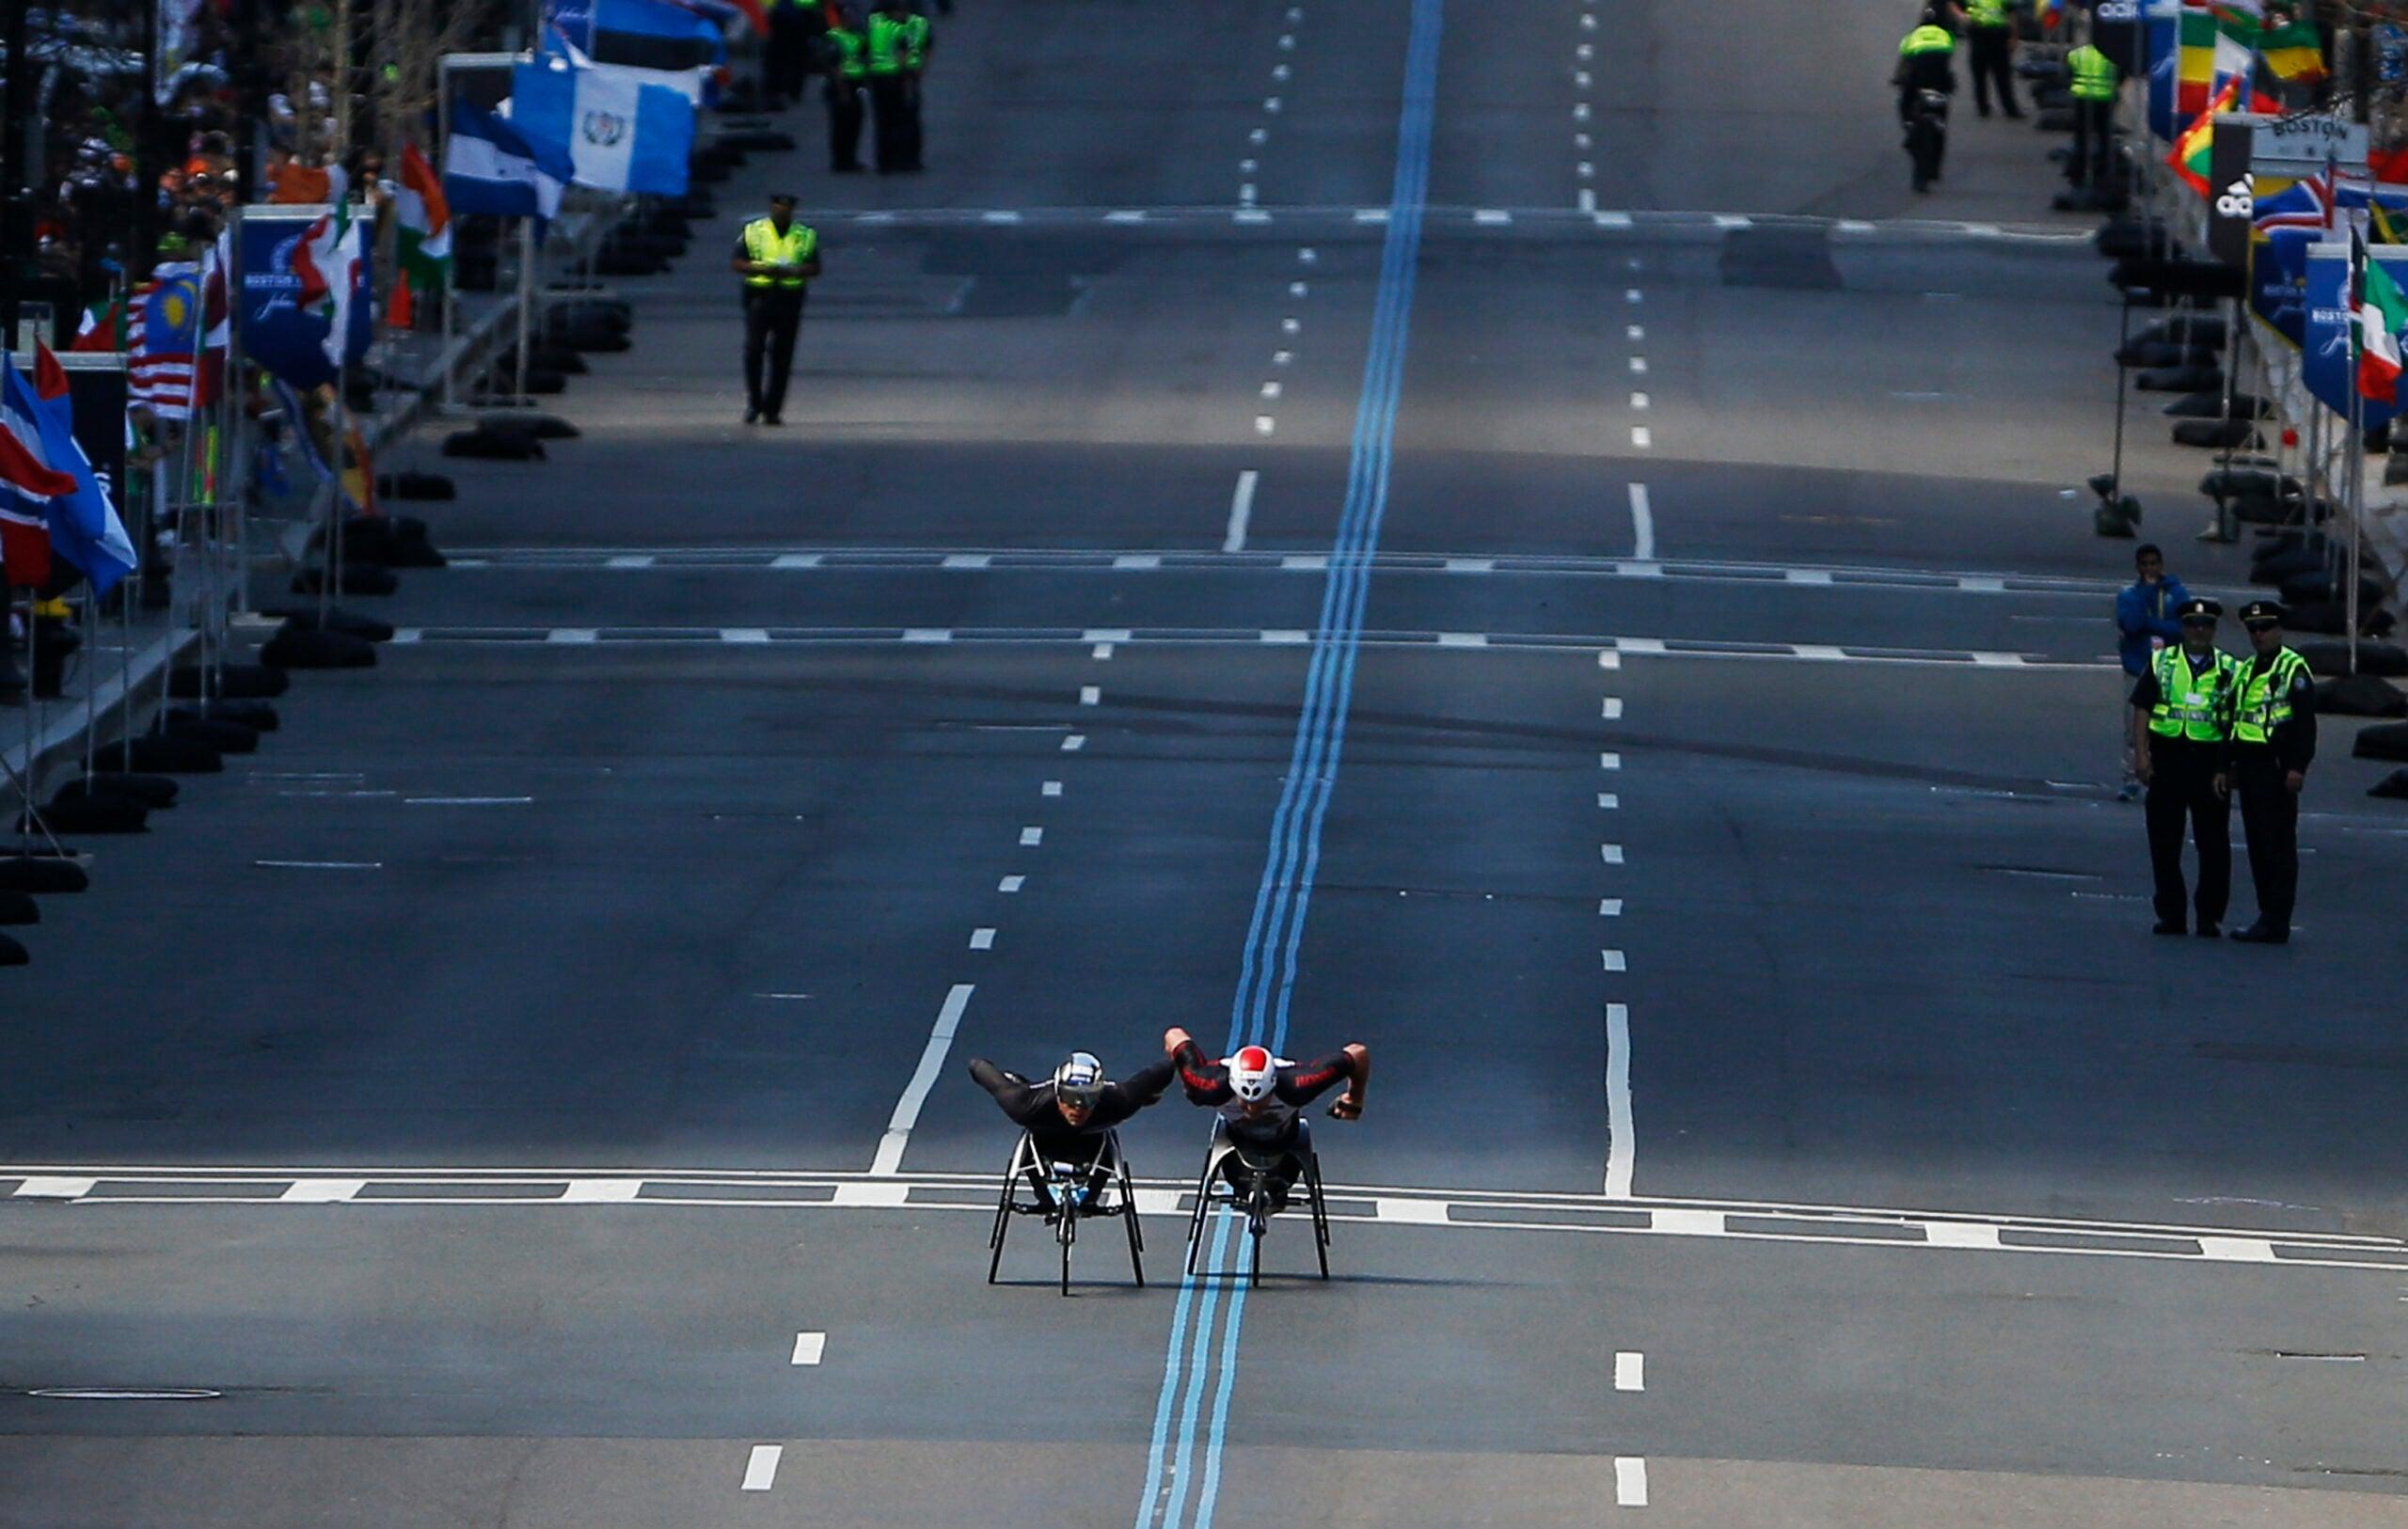 Boylston Street during the Boston Marathon